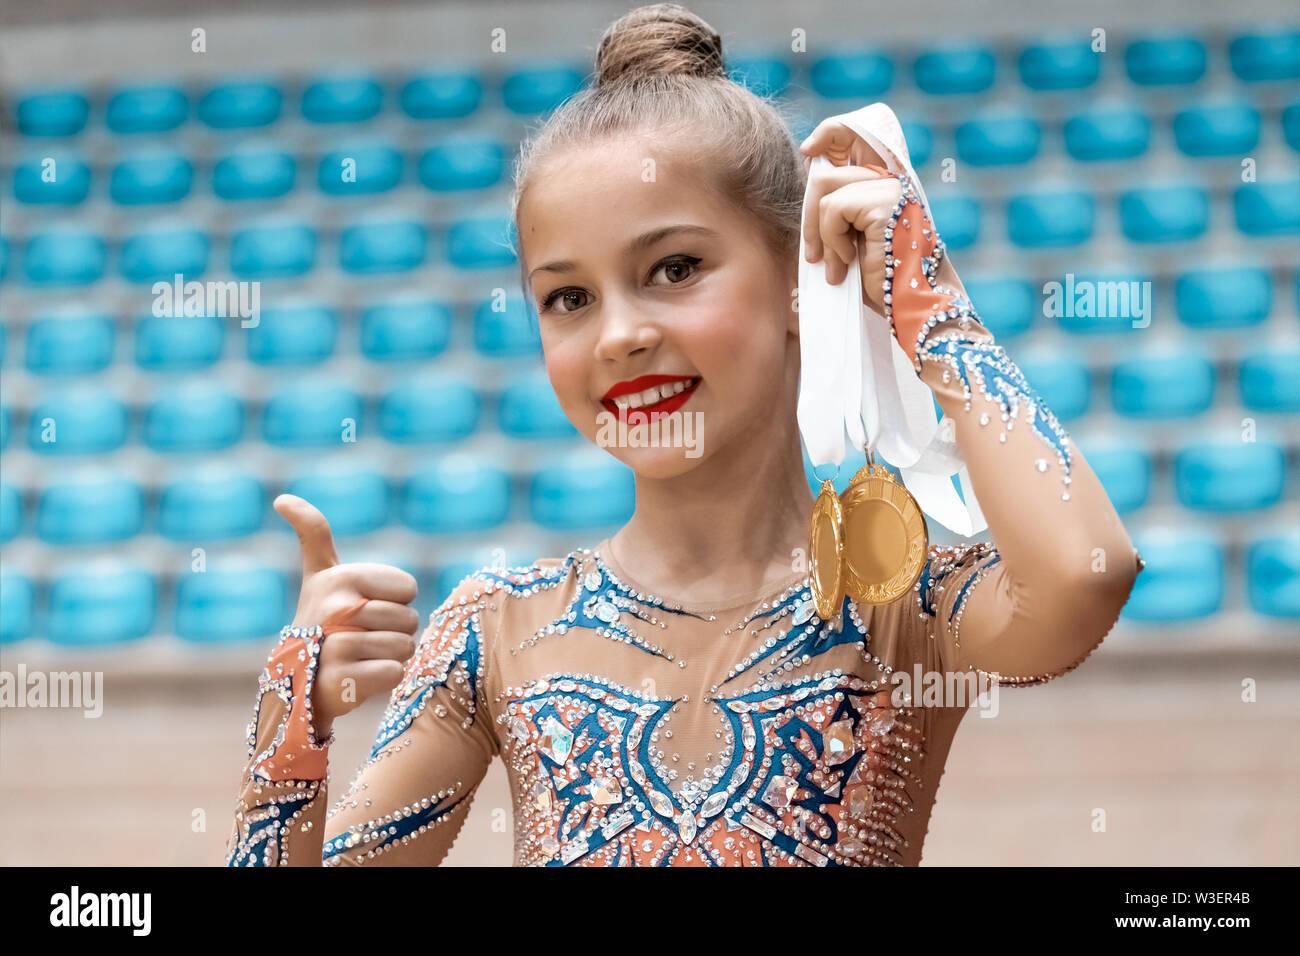 Gagnant du concours de gymnastique rythmique, portrait d'une jolie petite fille tenant en main deux médaille d'or et des gestes par coup de bonne humeur, Photo Stock